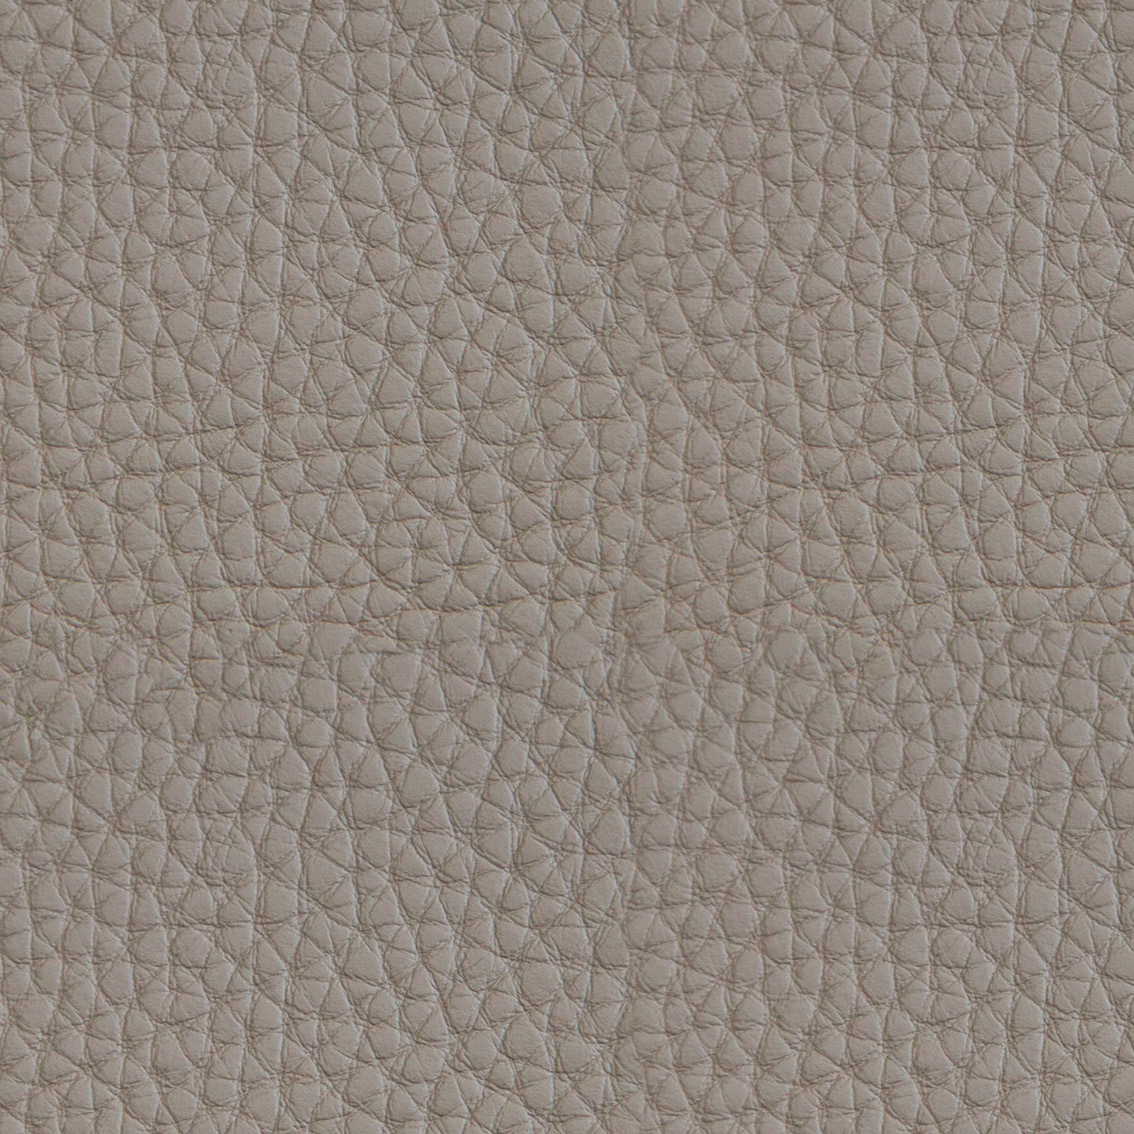 Коллекция ткани Aurora 286 Nomad,  купить ткань Кож зам для мебели Украина